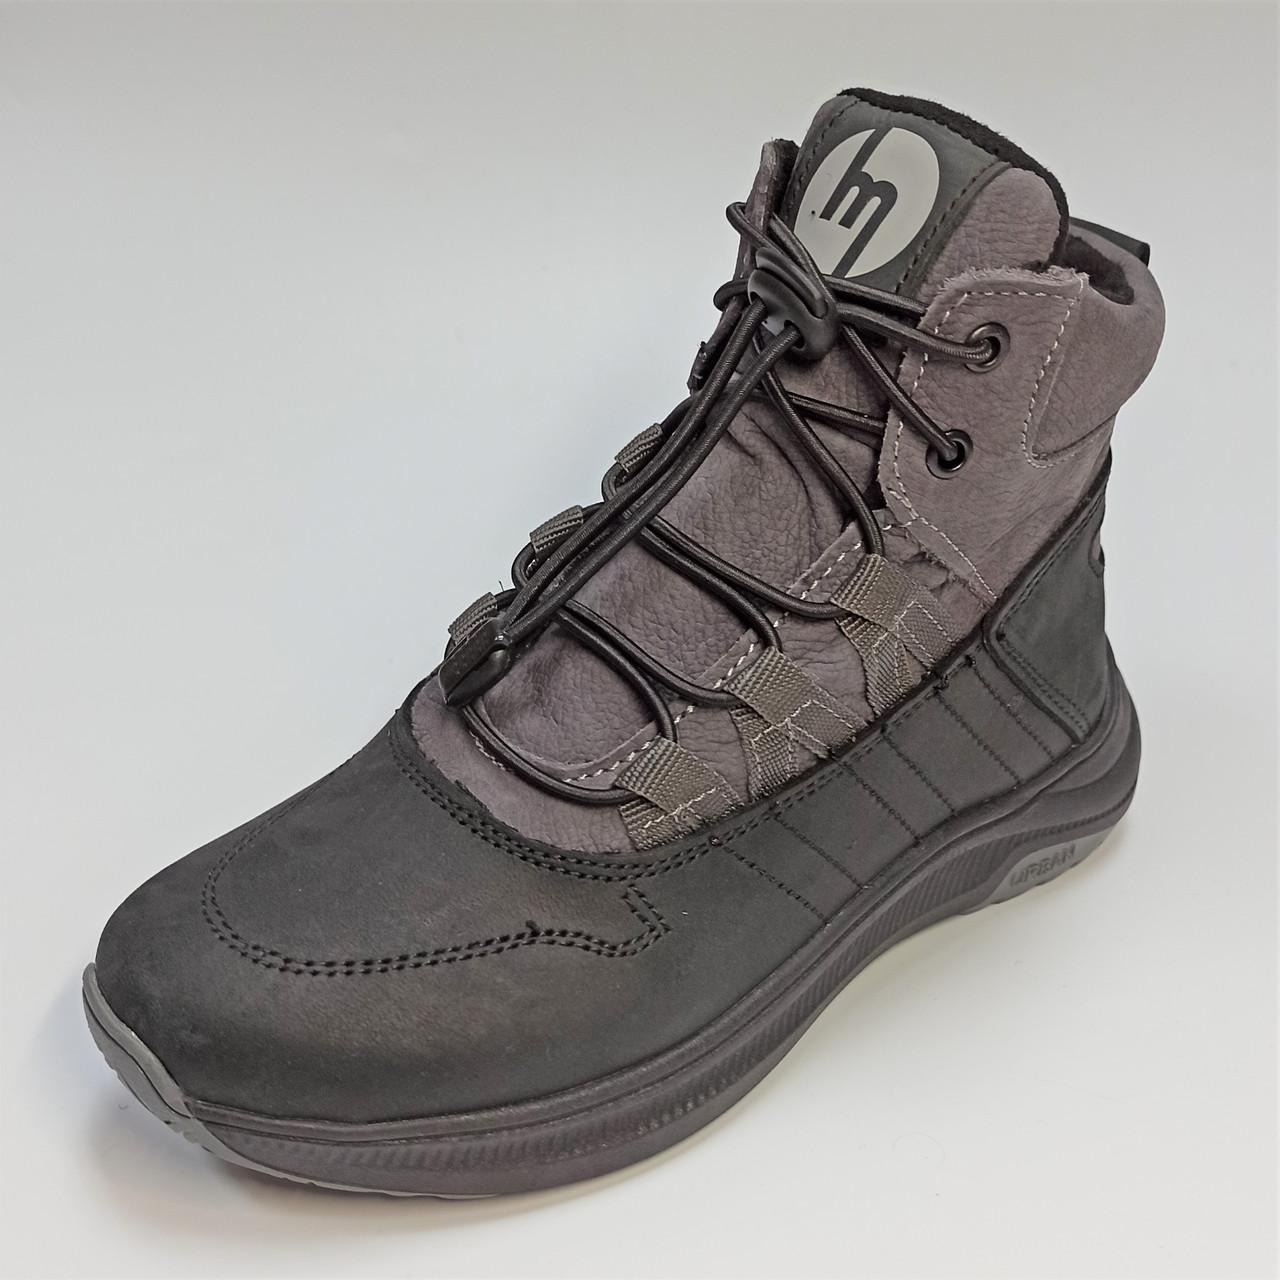 Ботинки мальчикам на мембране (код 1348) размеры: 32-40